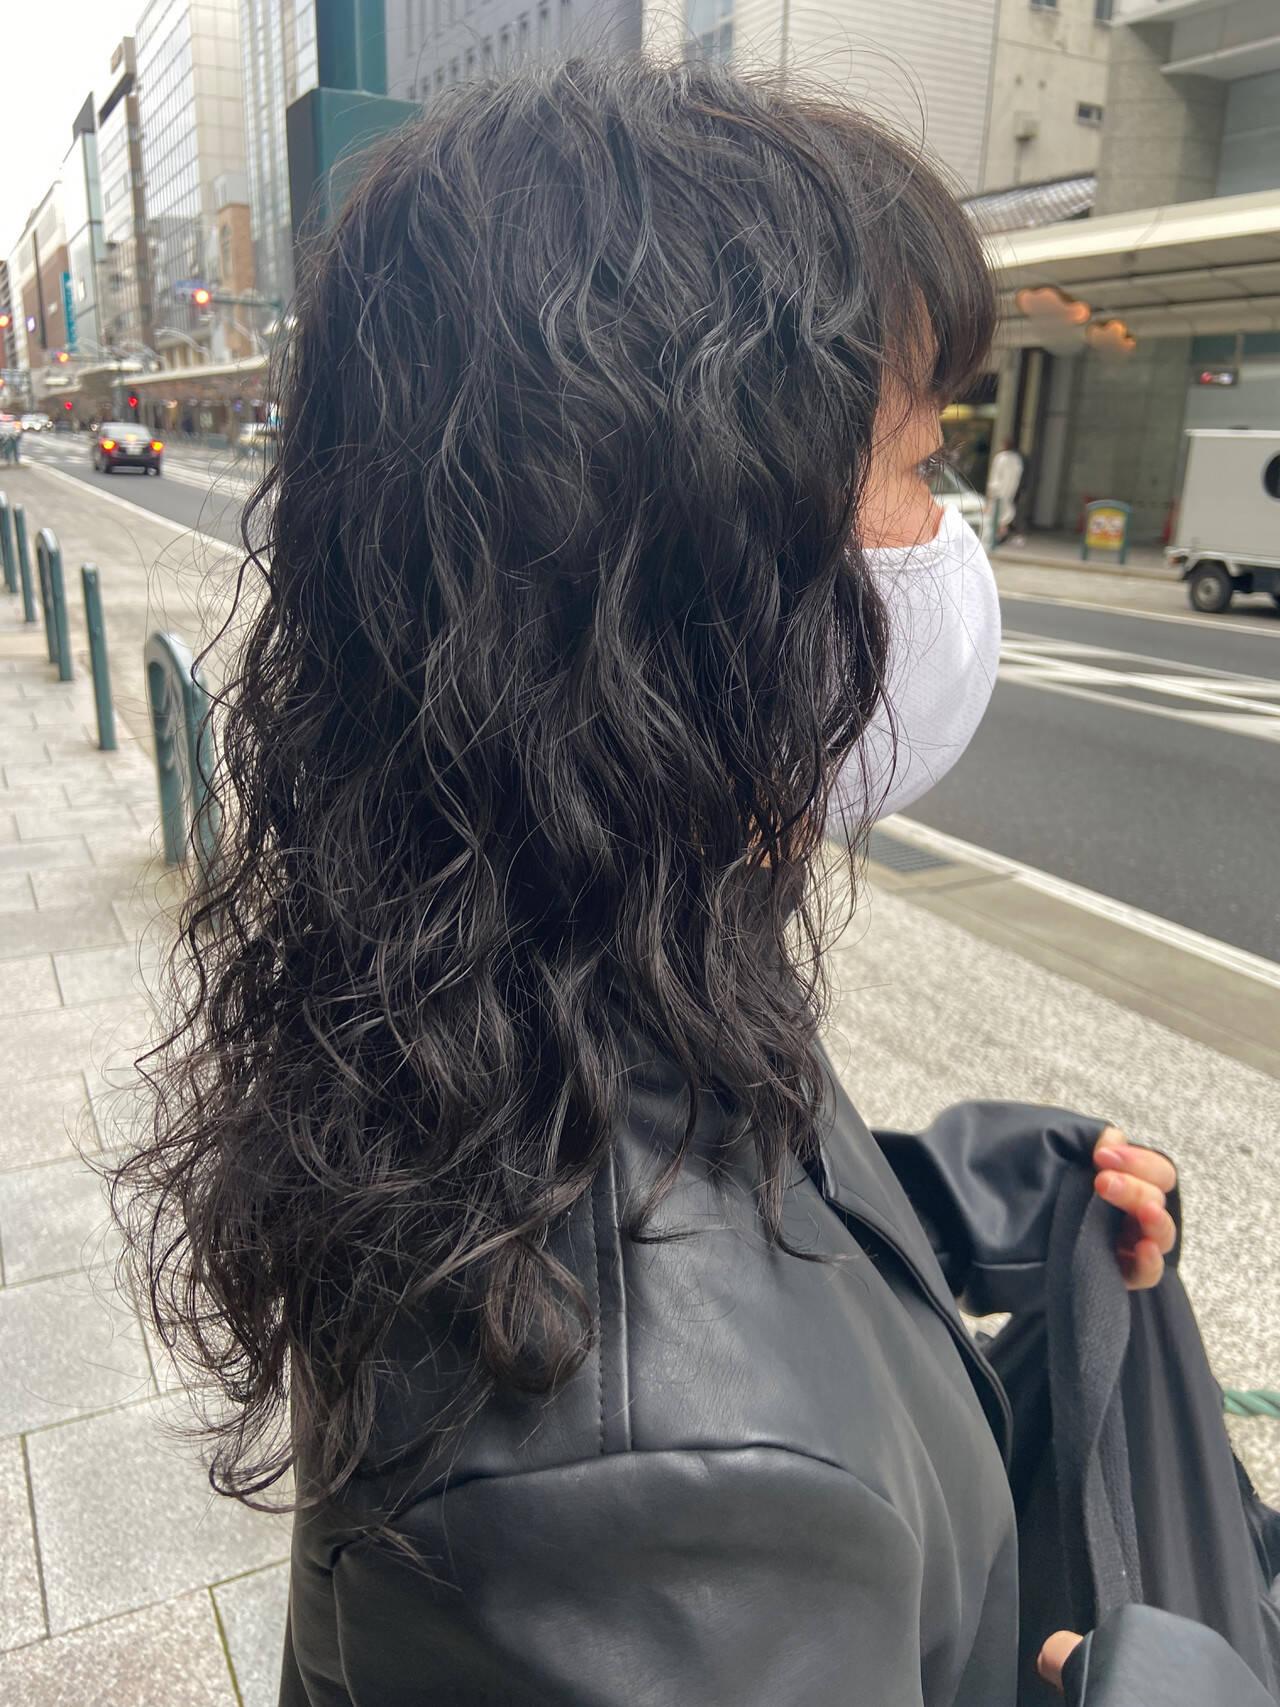 360度どこからみても綺麗なロングヘア 毛先パーマ セミロング 前髪パーマヘアスタイルや髪型の写真・画像